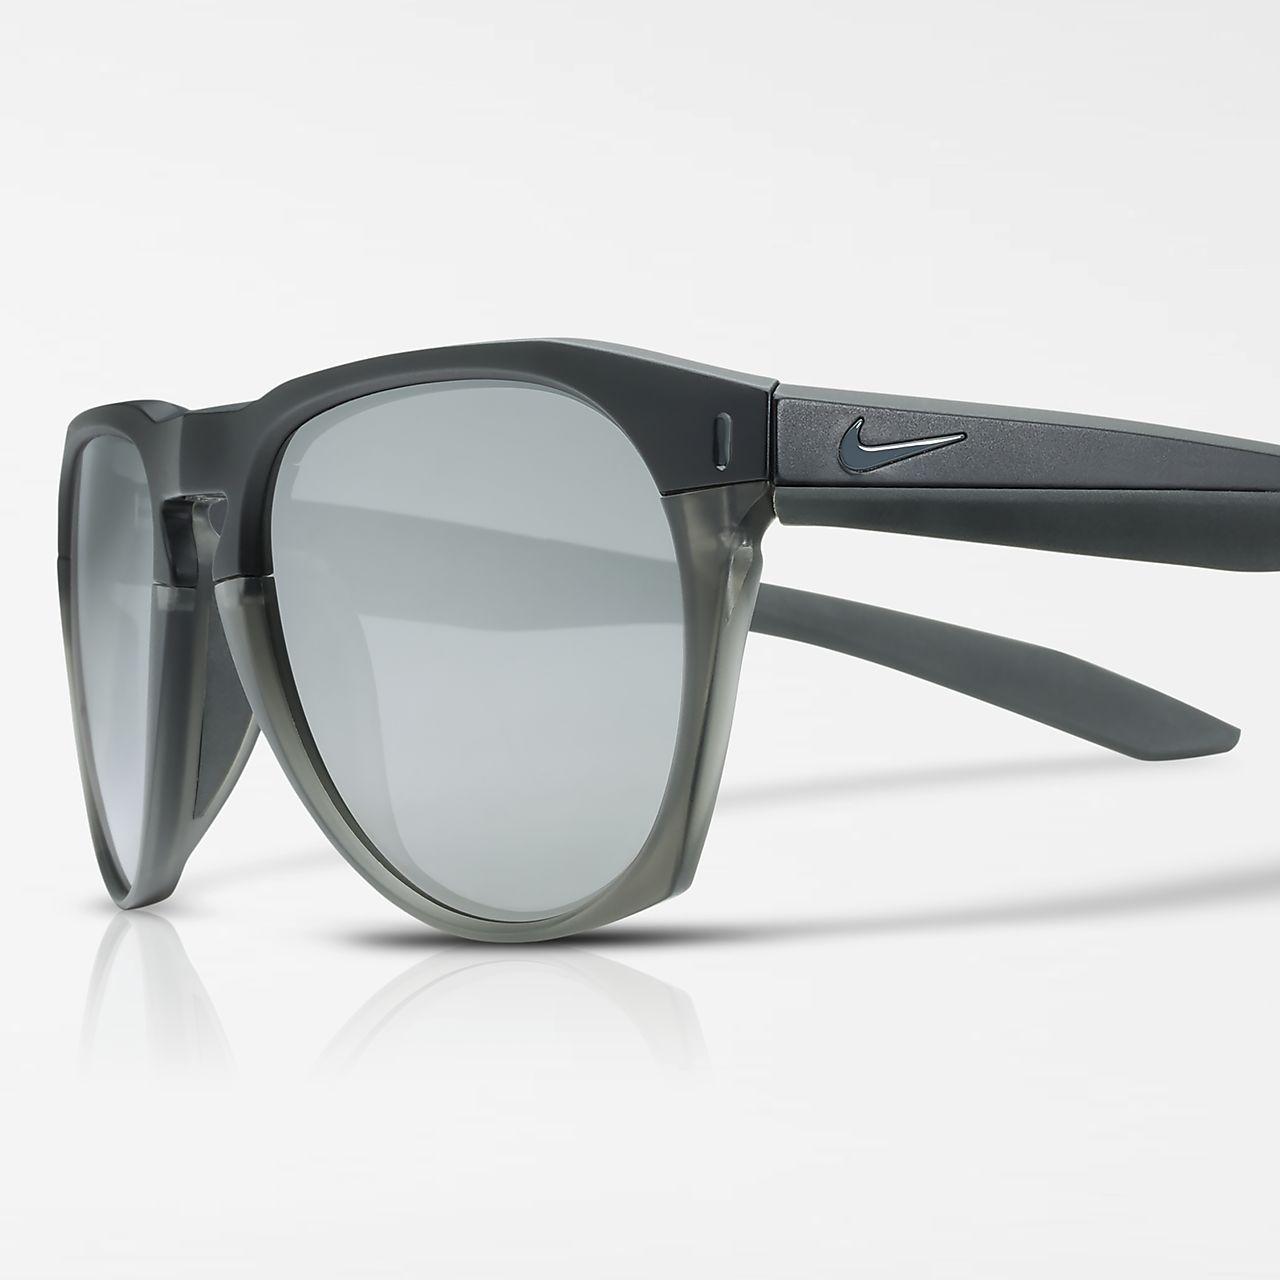 Okulary Przeciwsłoneczne Nike Essential Navigator Nikecom Pl